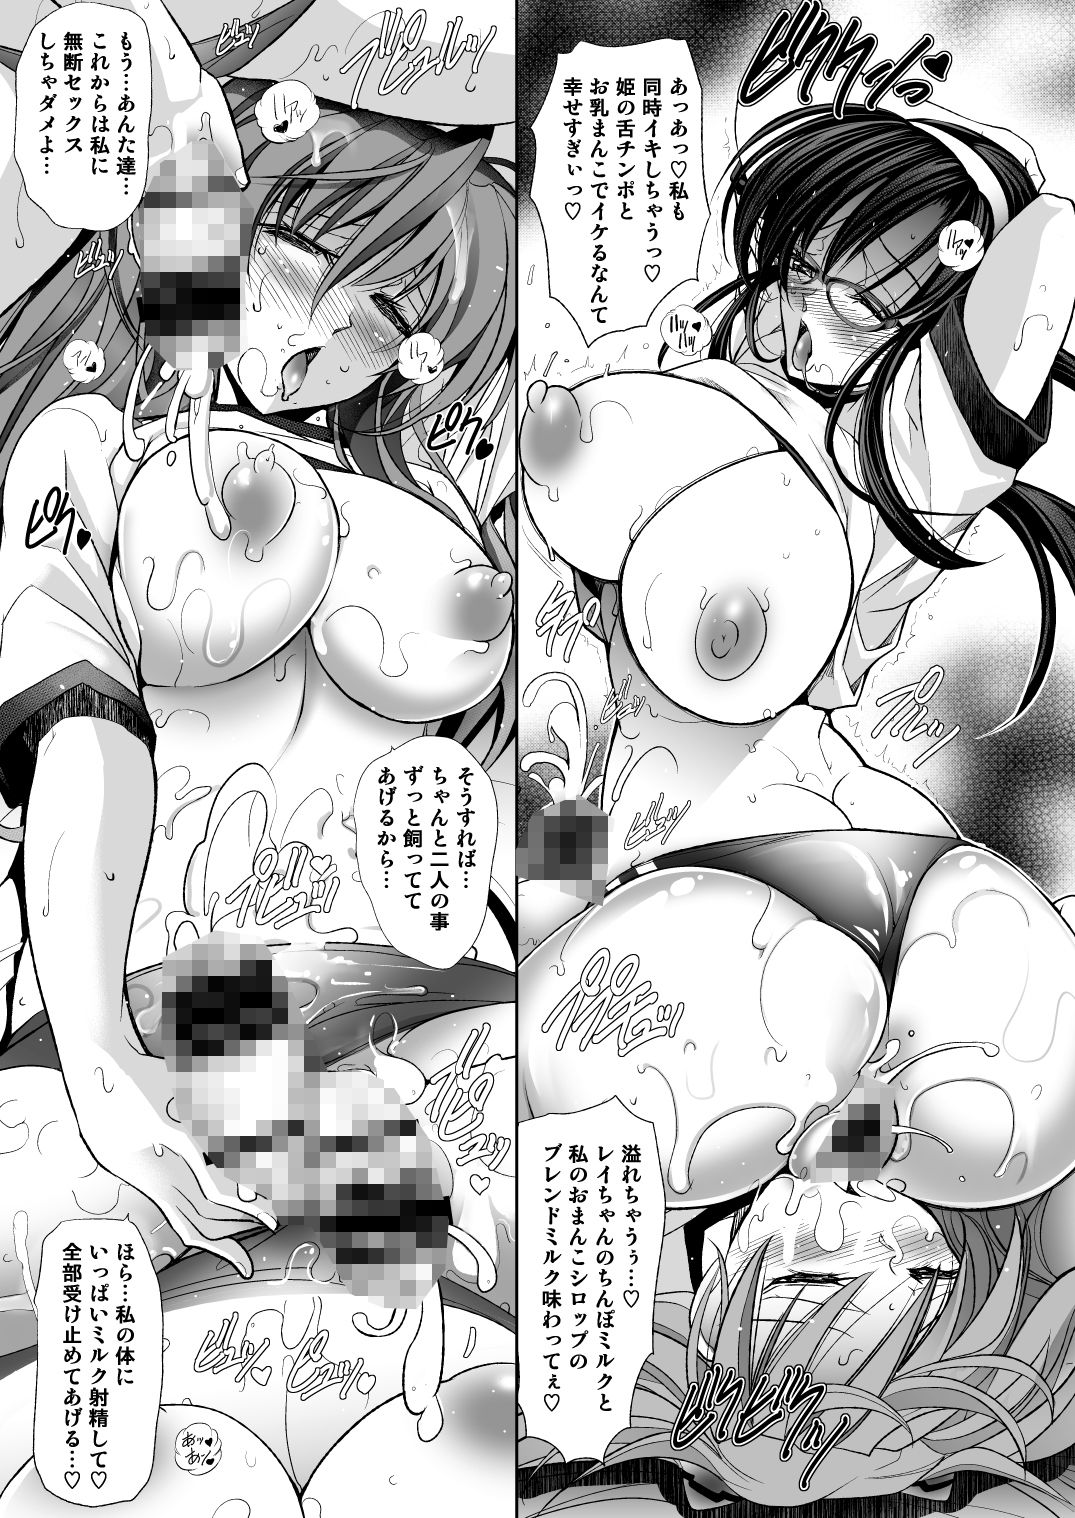 エヴァ総集編1〜4おまとめパック 画像